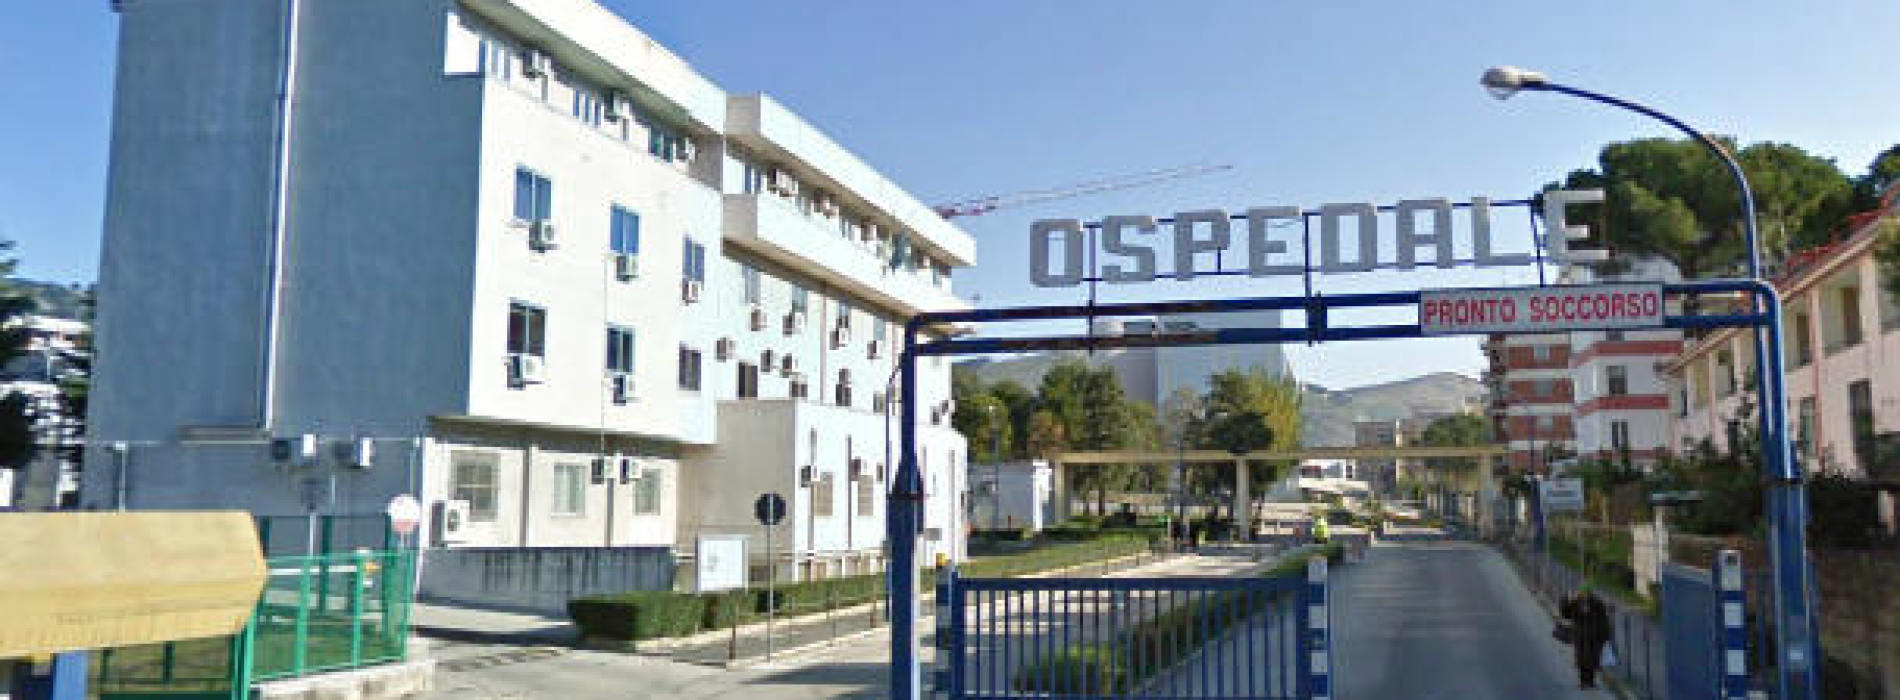 Radioterapia all'Ospedale di Caserta, ok della Regione ai fondi